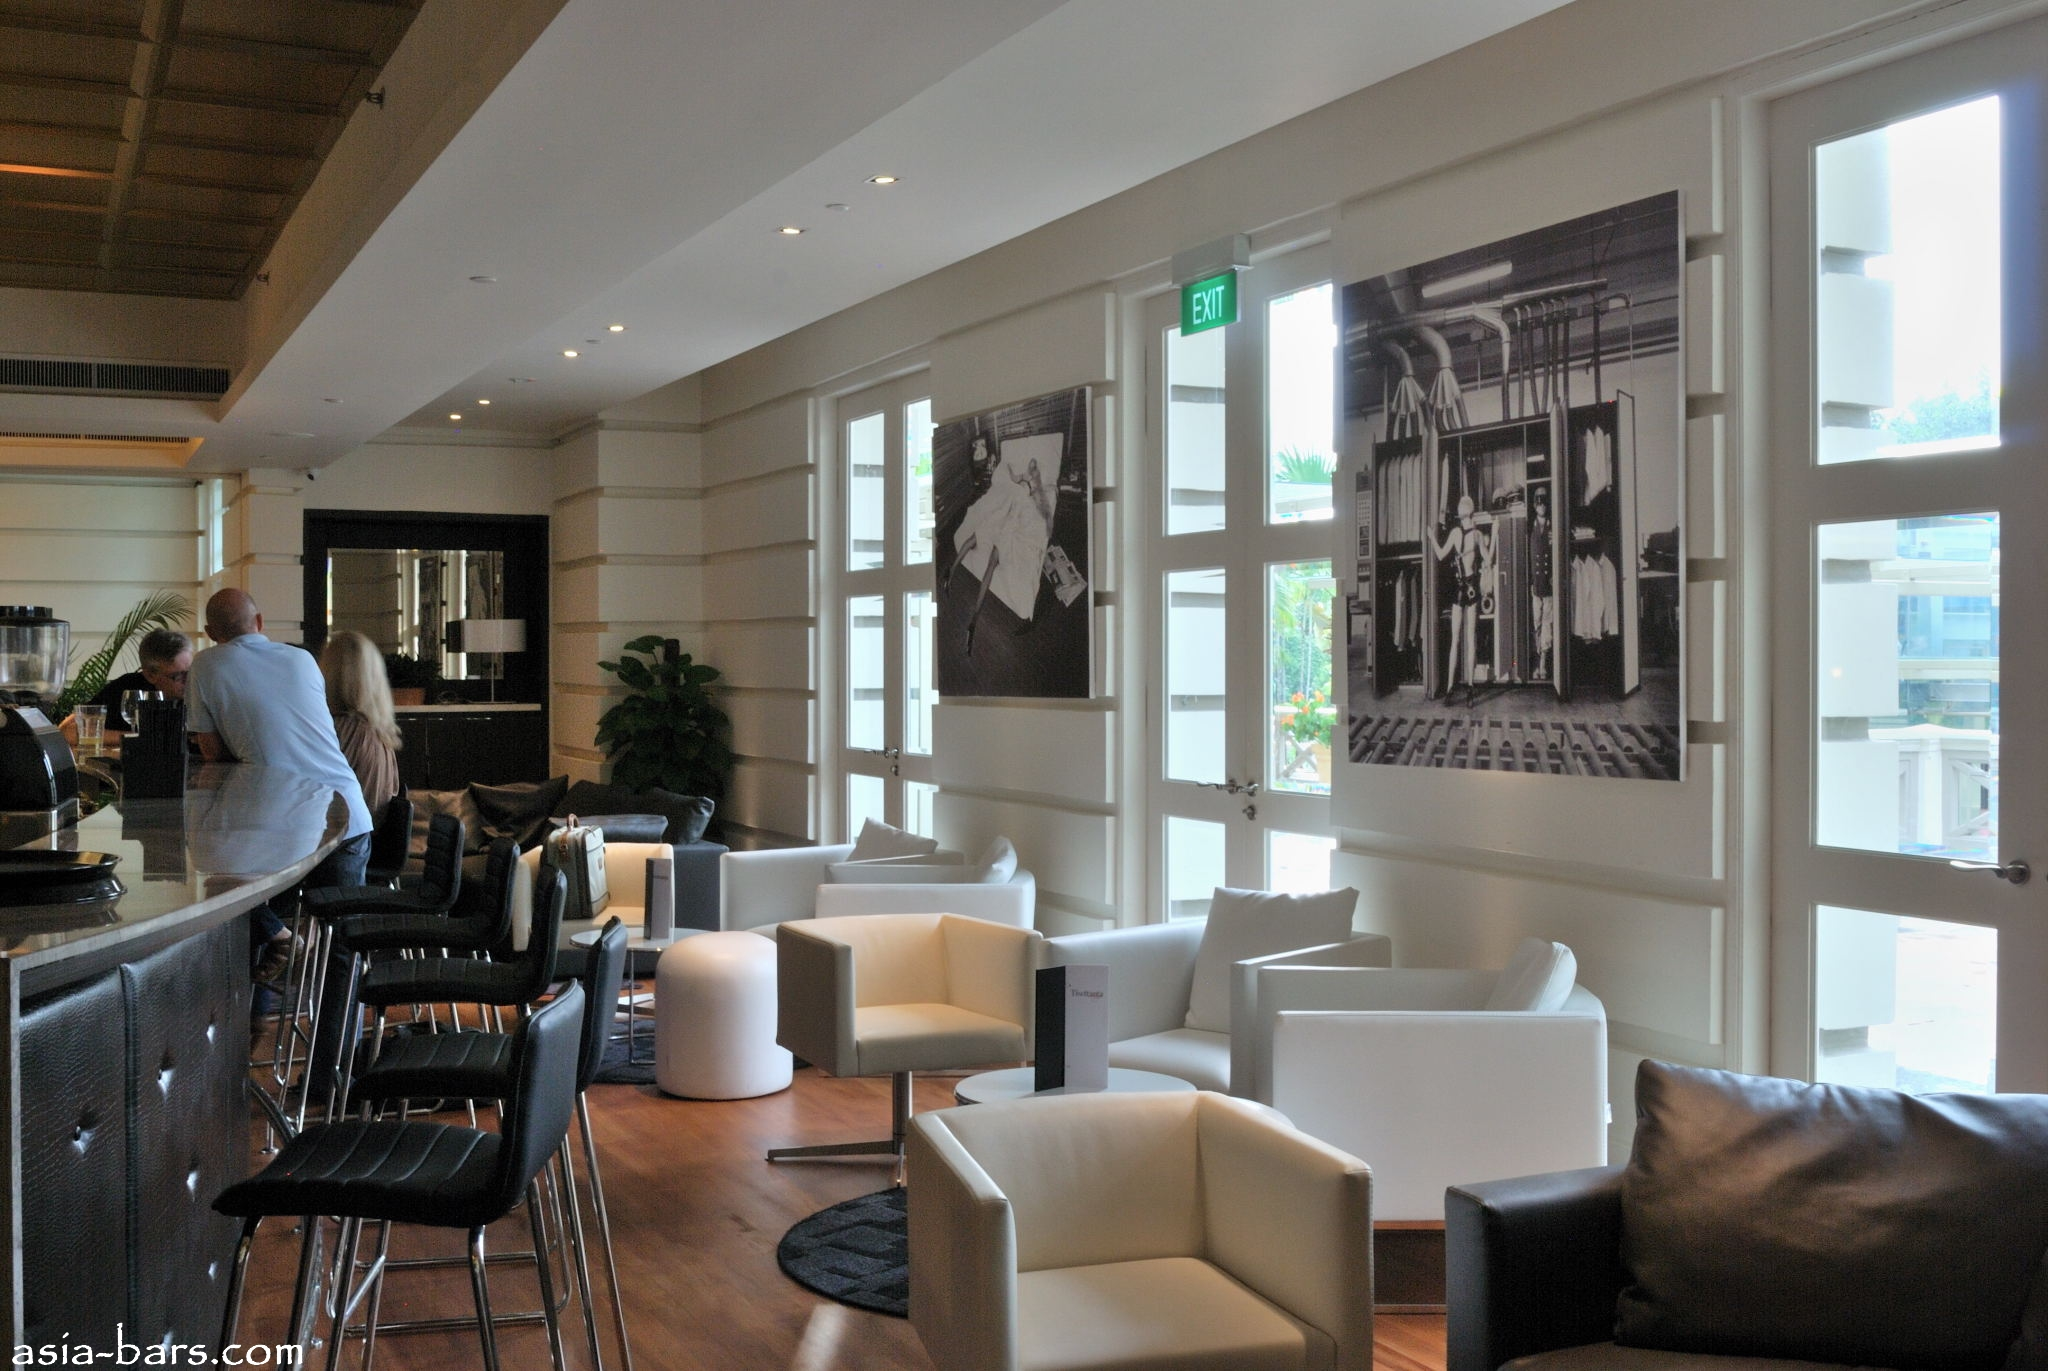 Tisettanta Lounge Stylish Sophisticated Bar And At